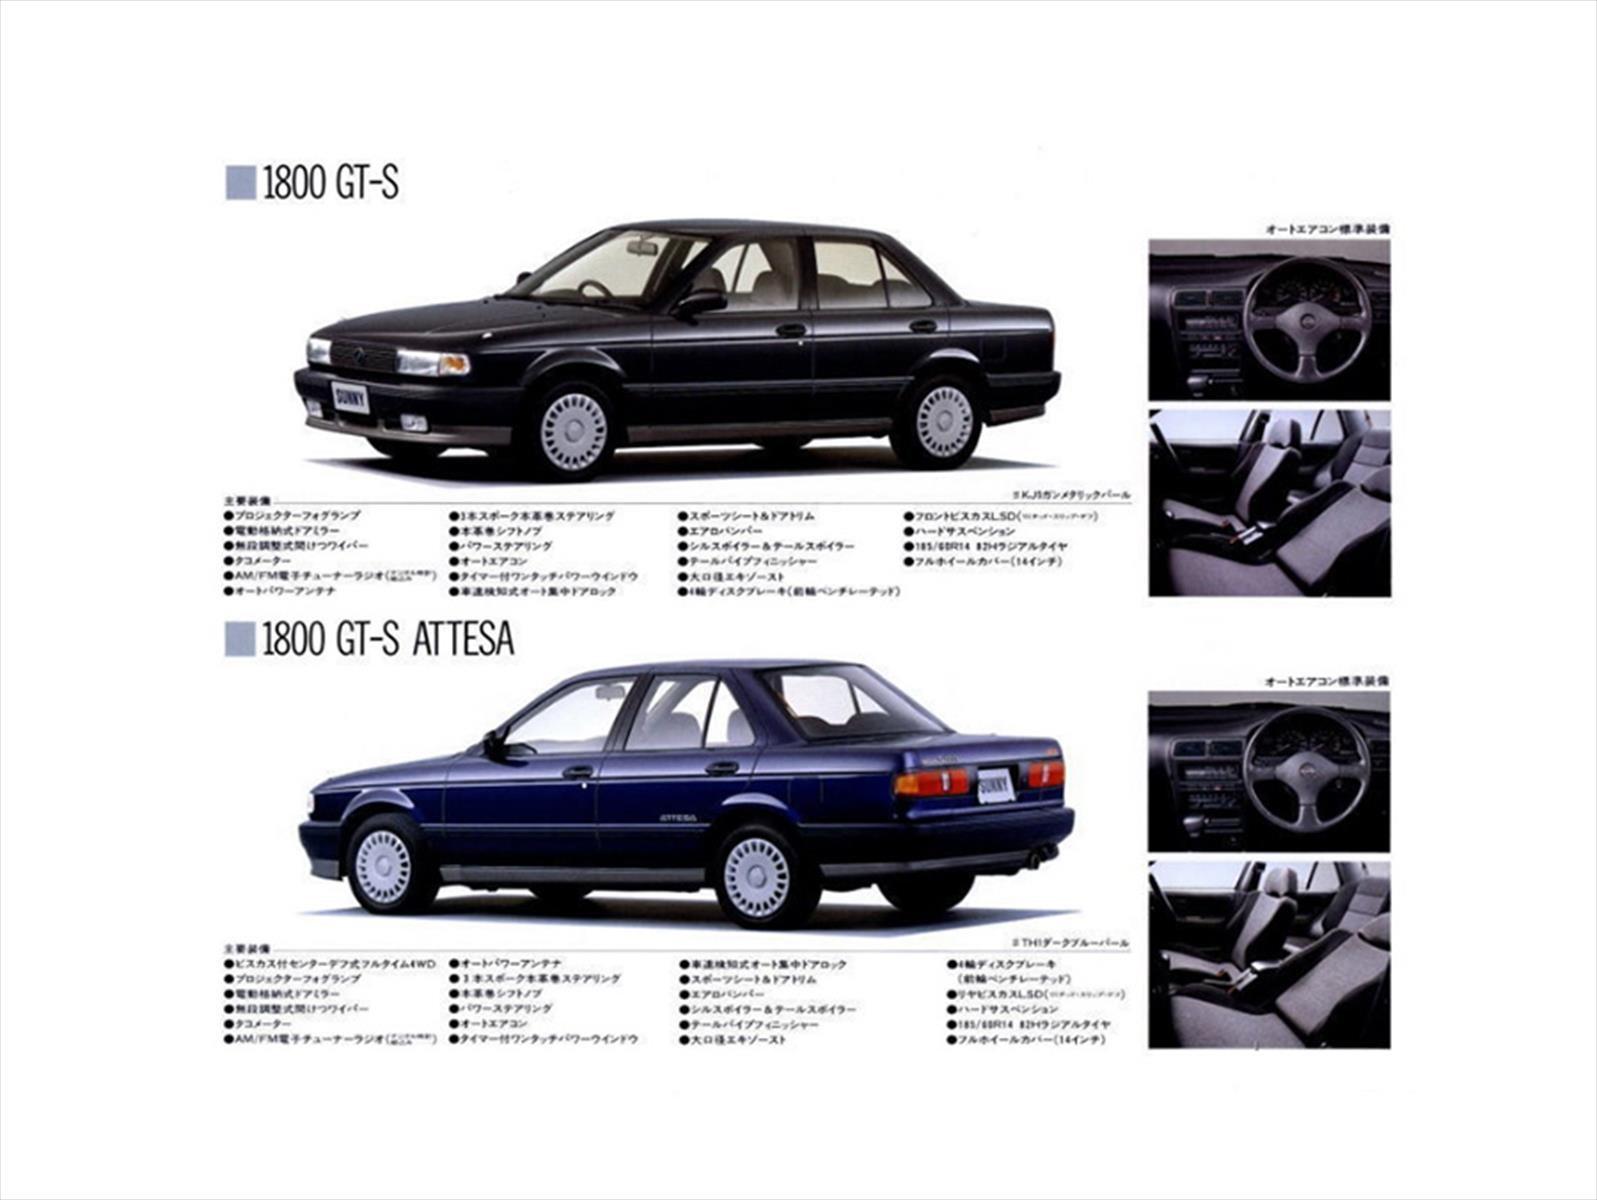 Nissan Sunny B13, el V16 que no fue - Autocosmos.com